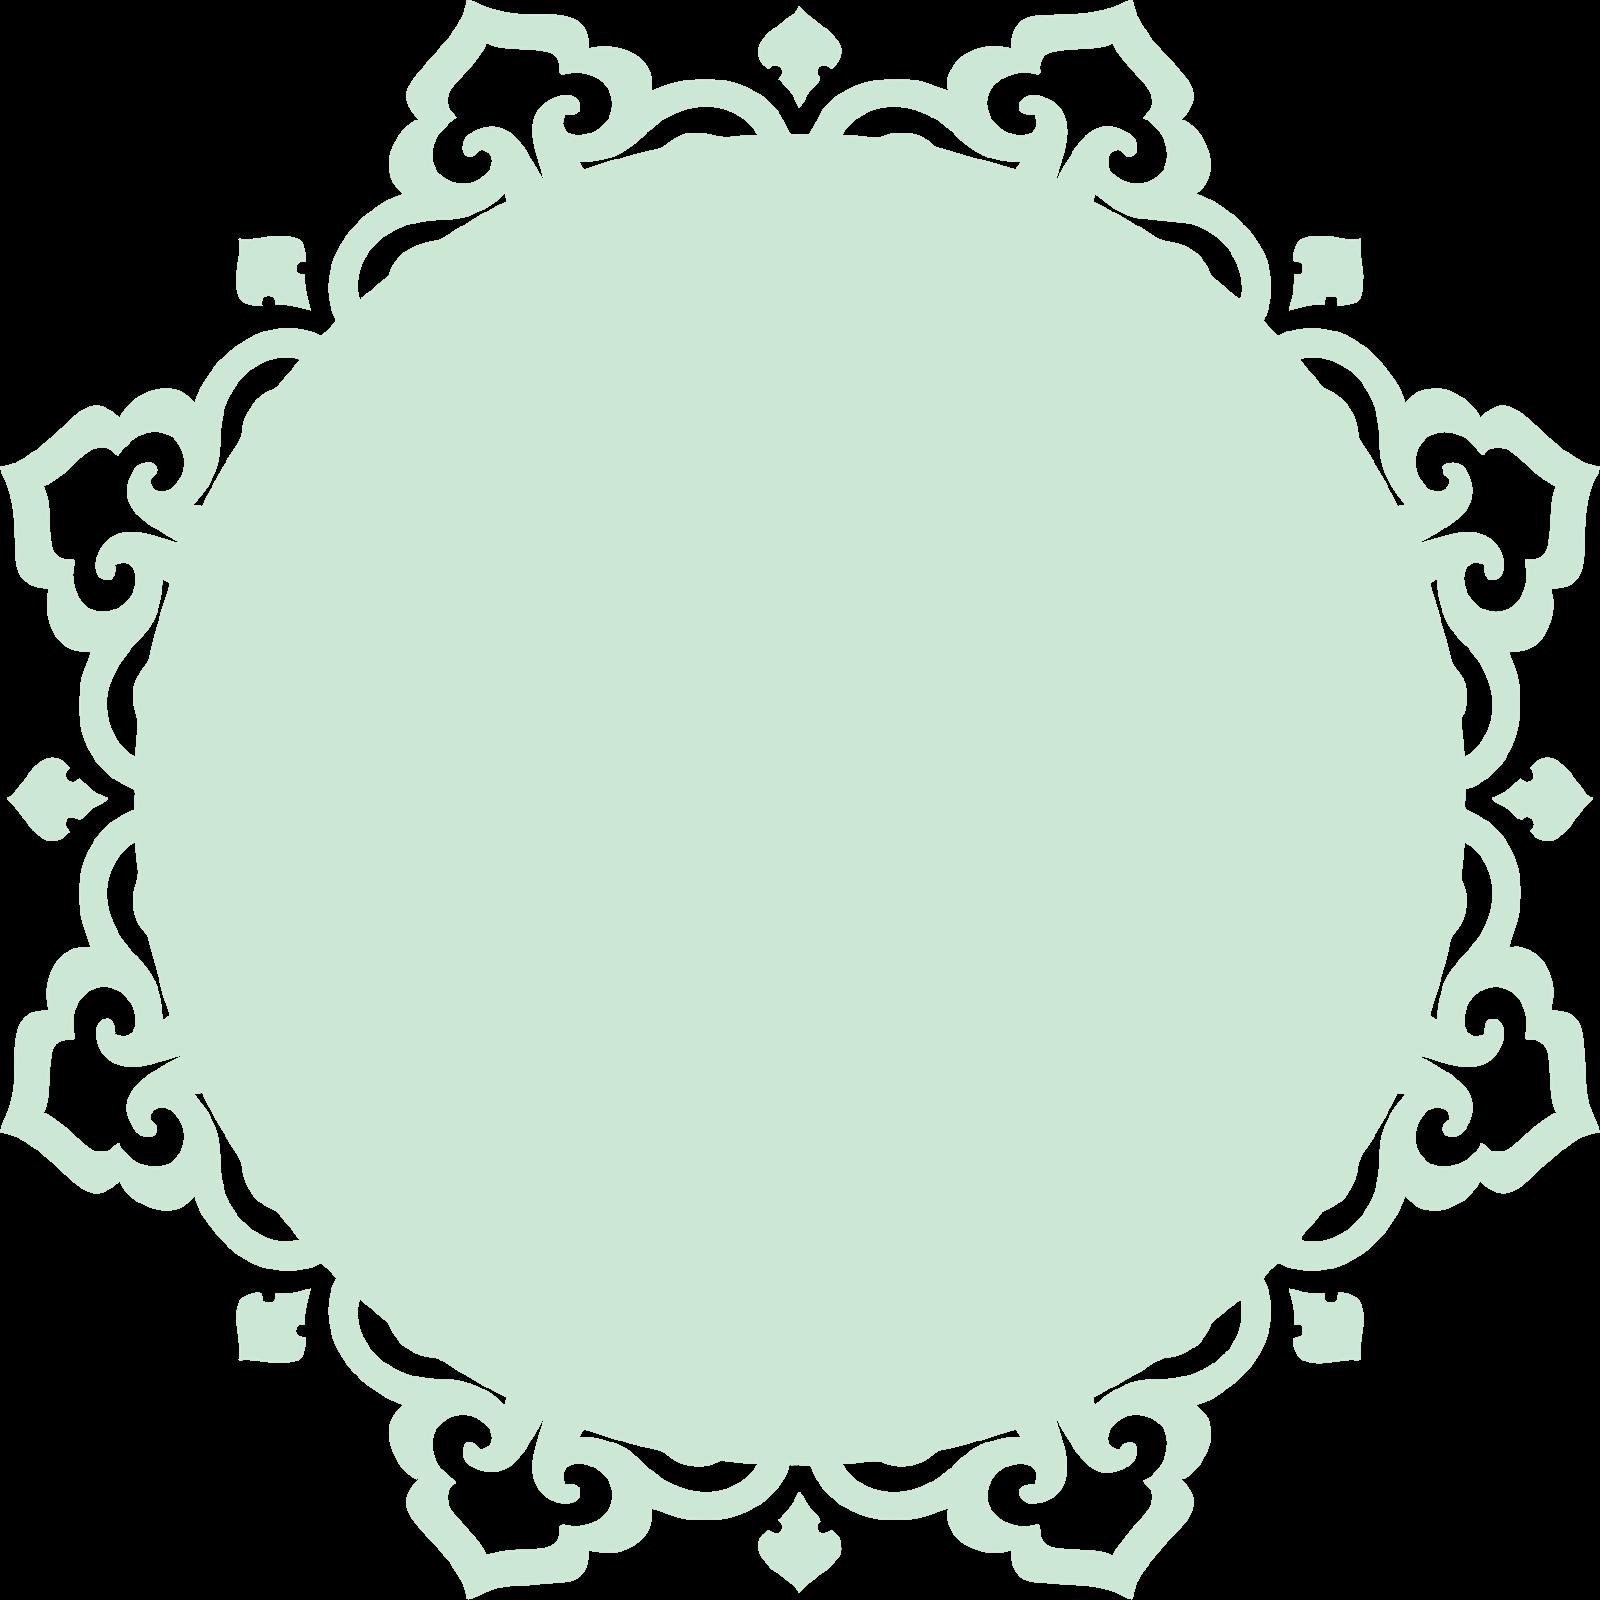 escalope2.png (1600×1600)